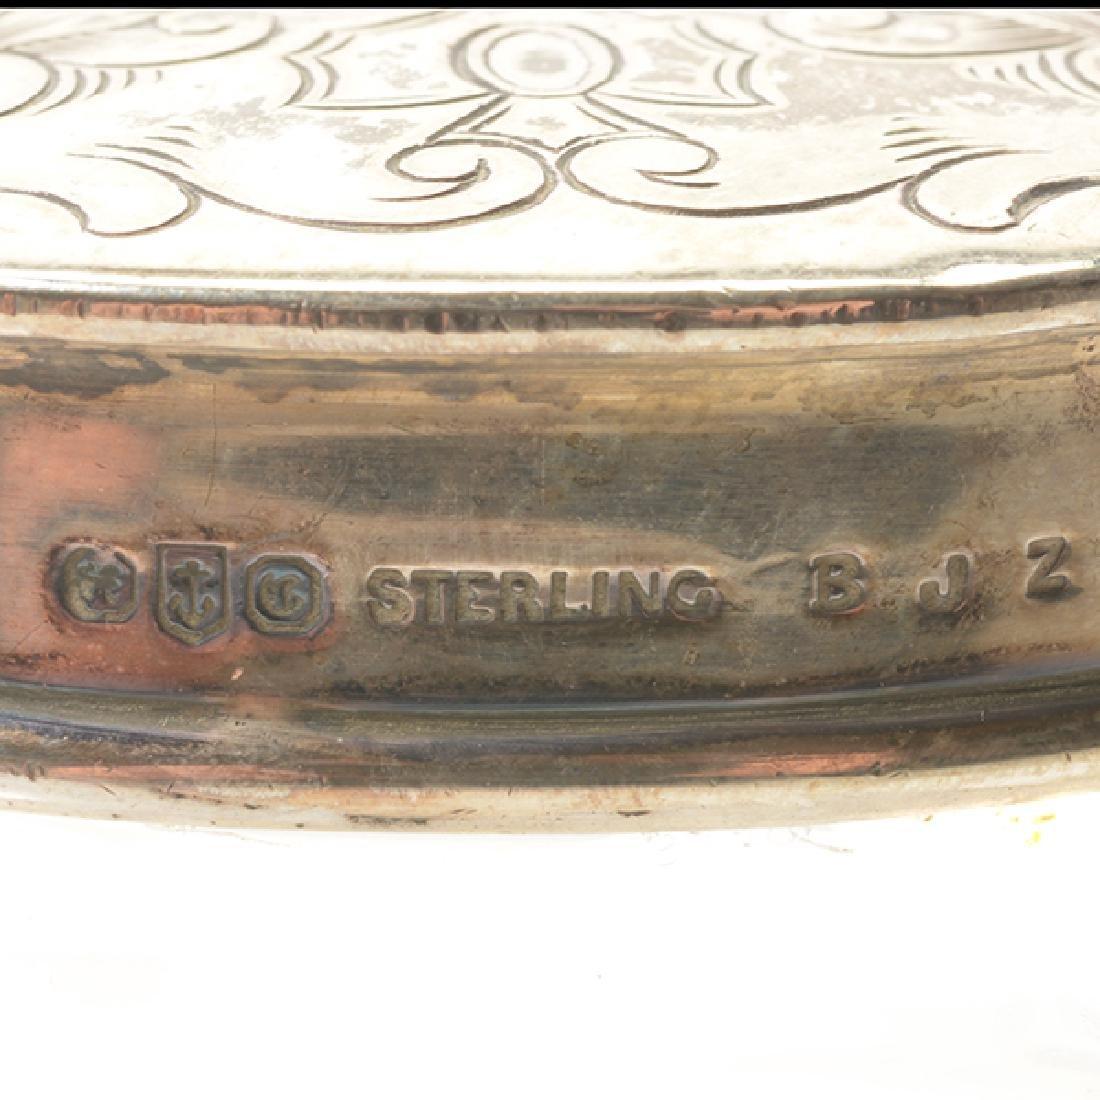 Gorham Sterling Mounted Ten Piece Dressing Set - 9